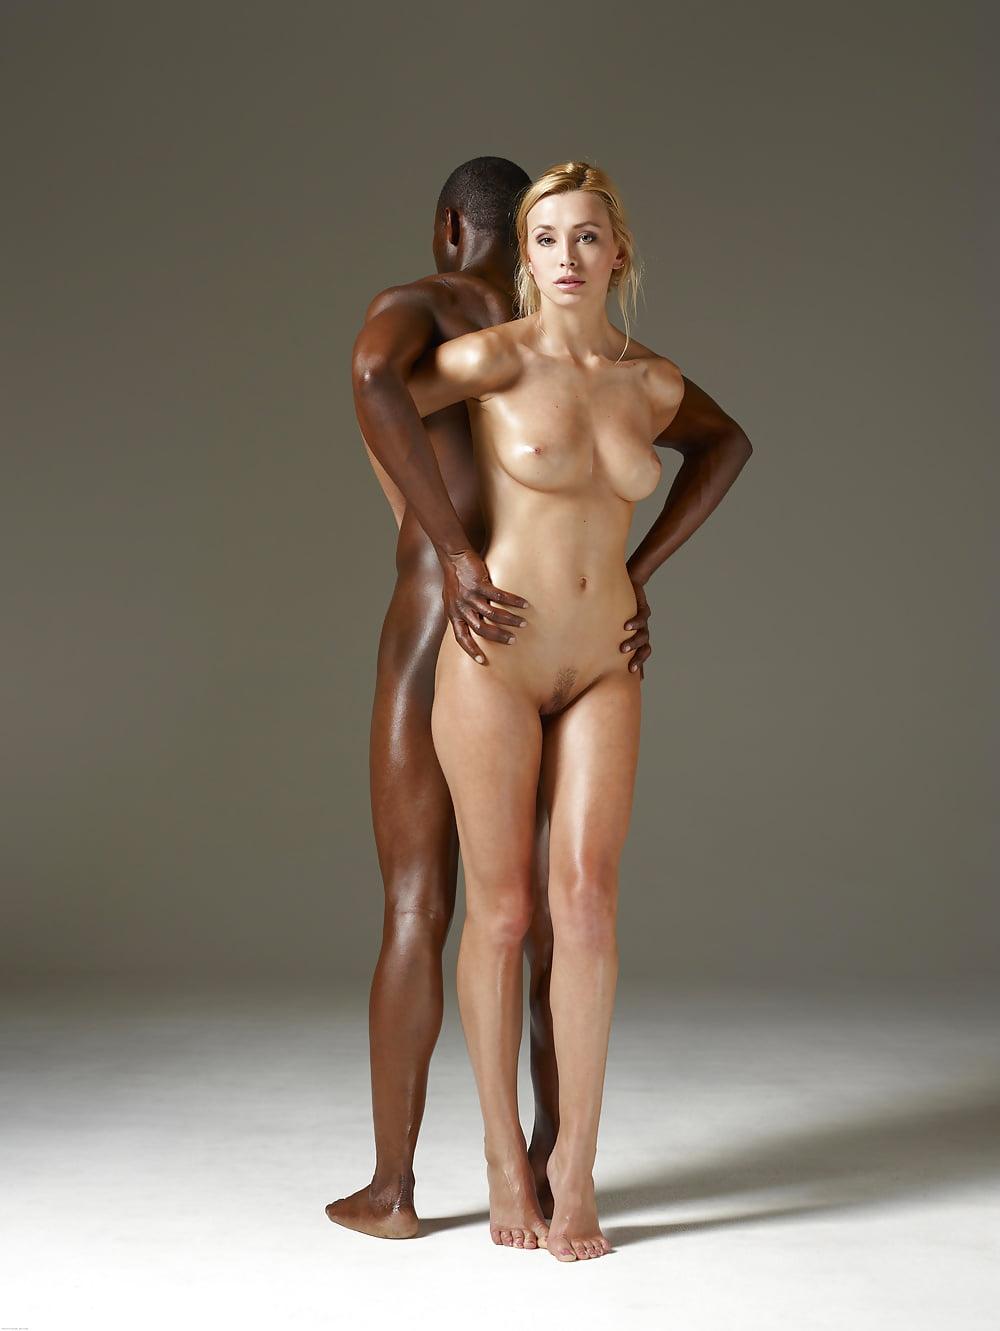 Black guy white girl orgy